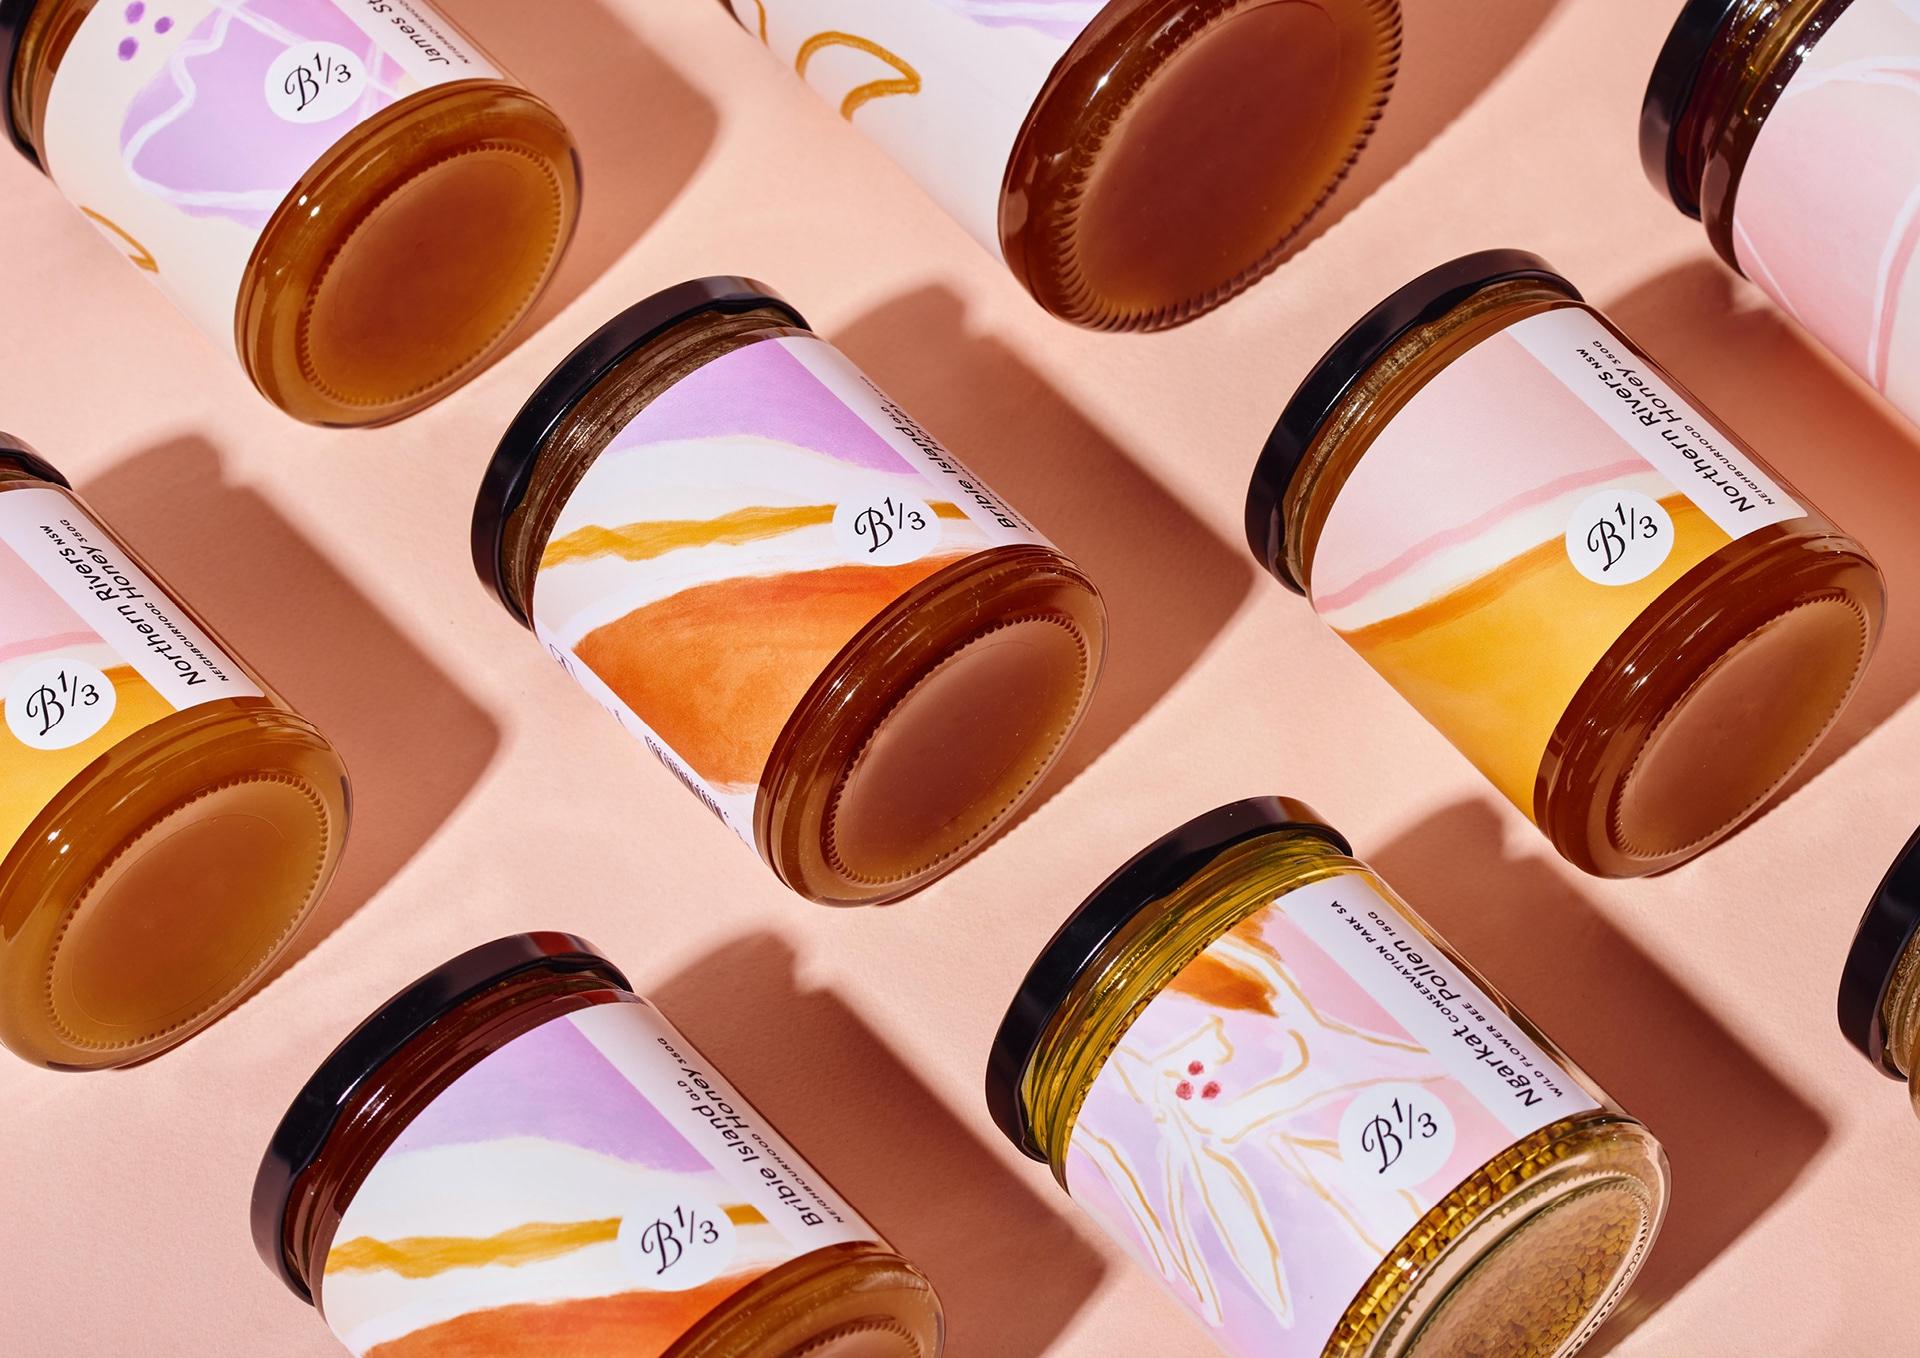 澳大利亚Bee One Third蜂蜜包装设计封面大图